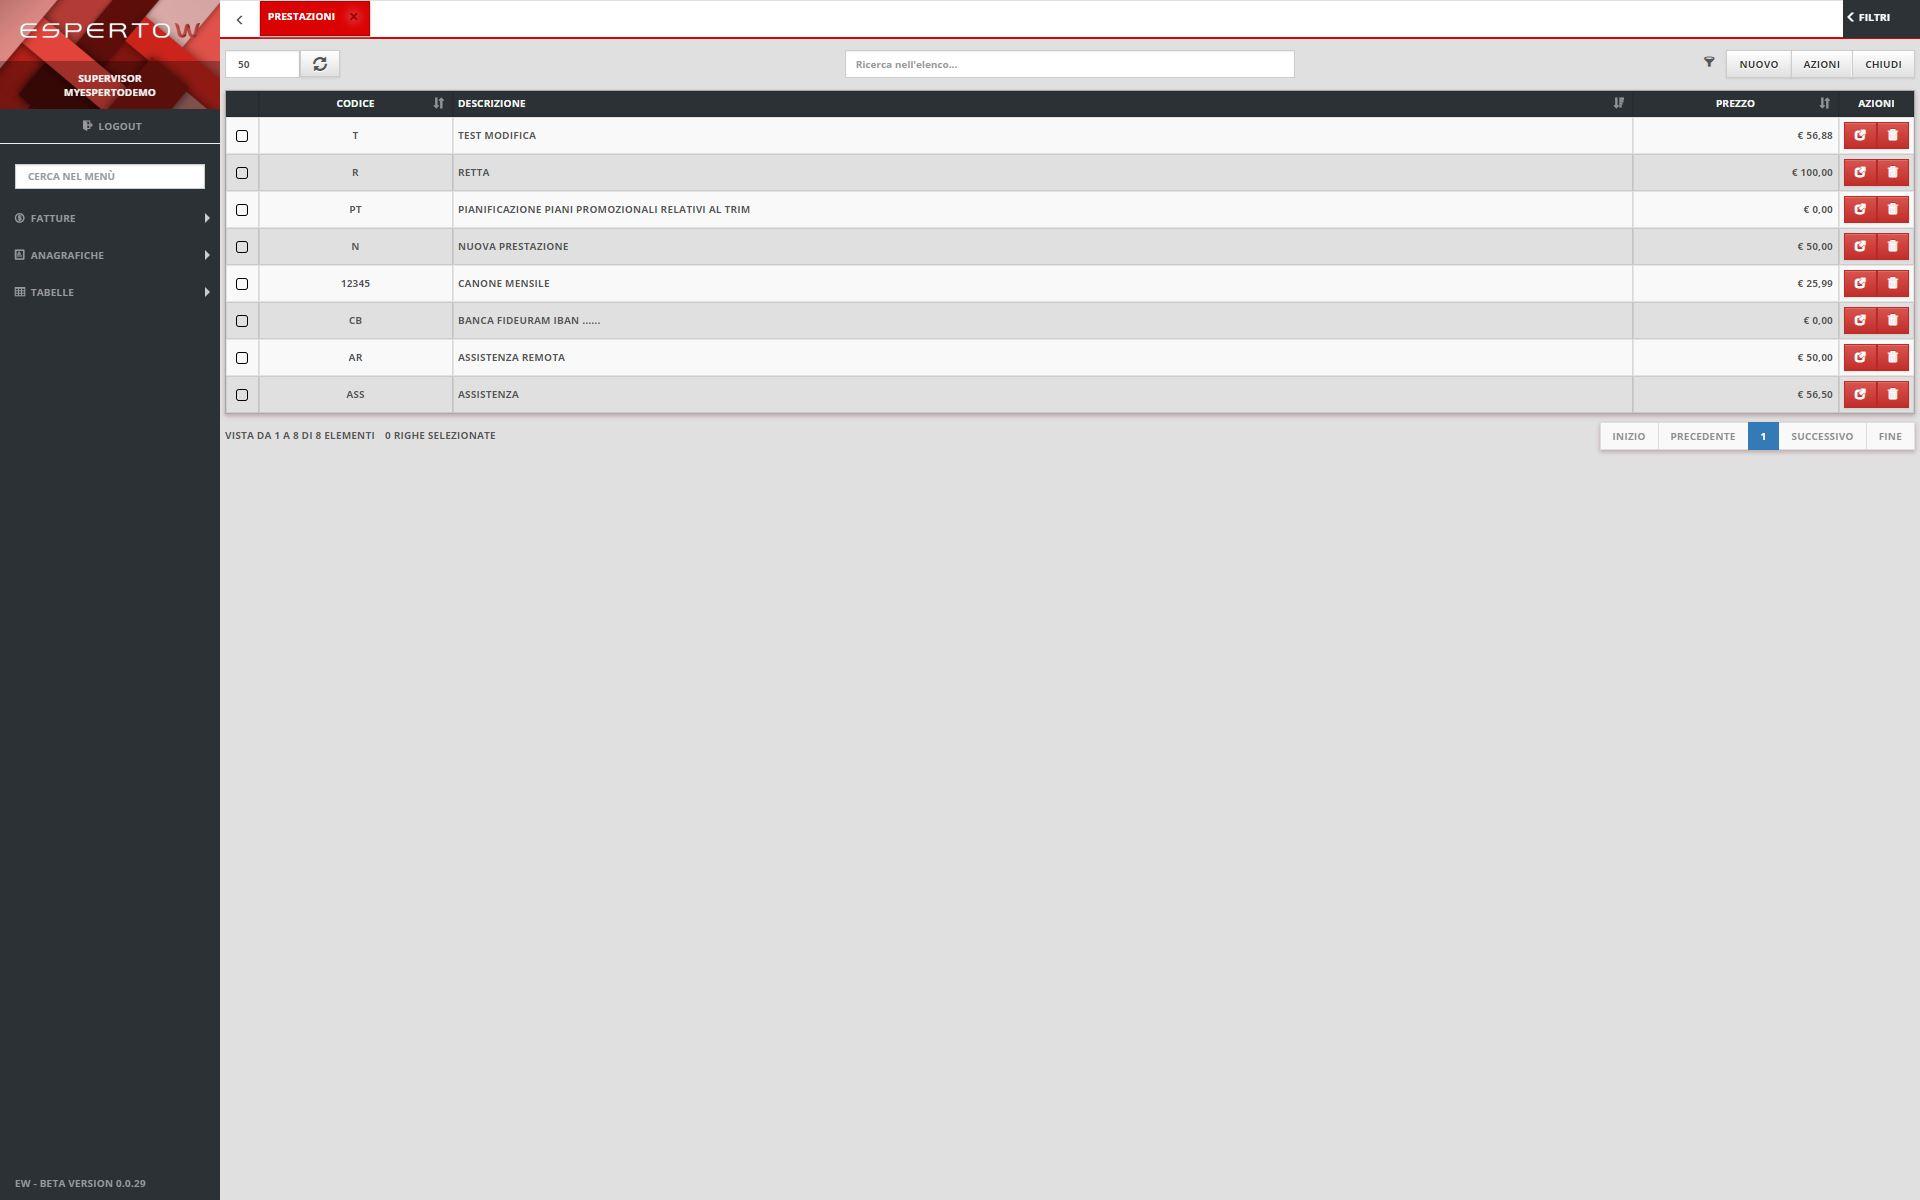 3 - Tabelle Modalità Pagamento / Iva / Prestazioni